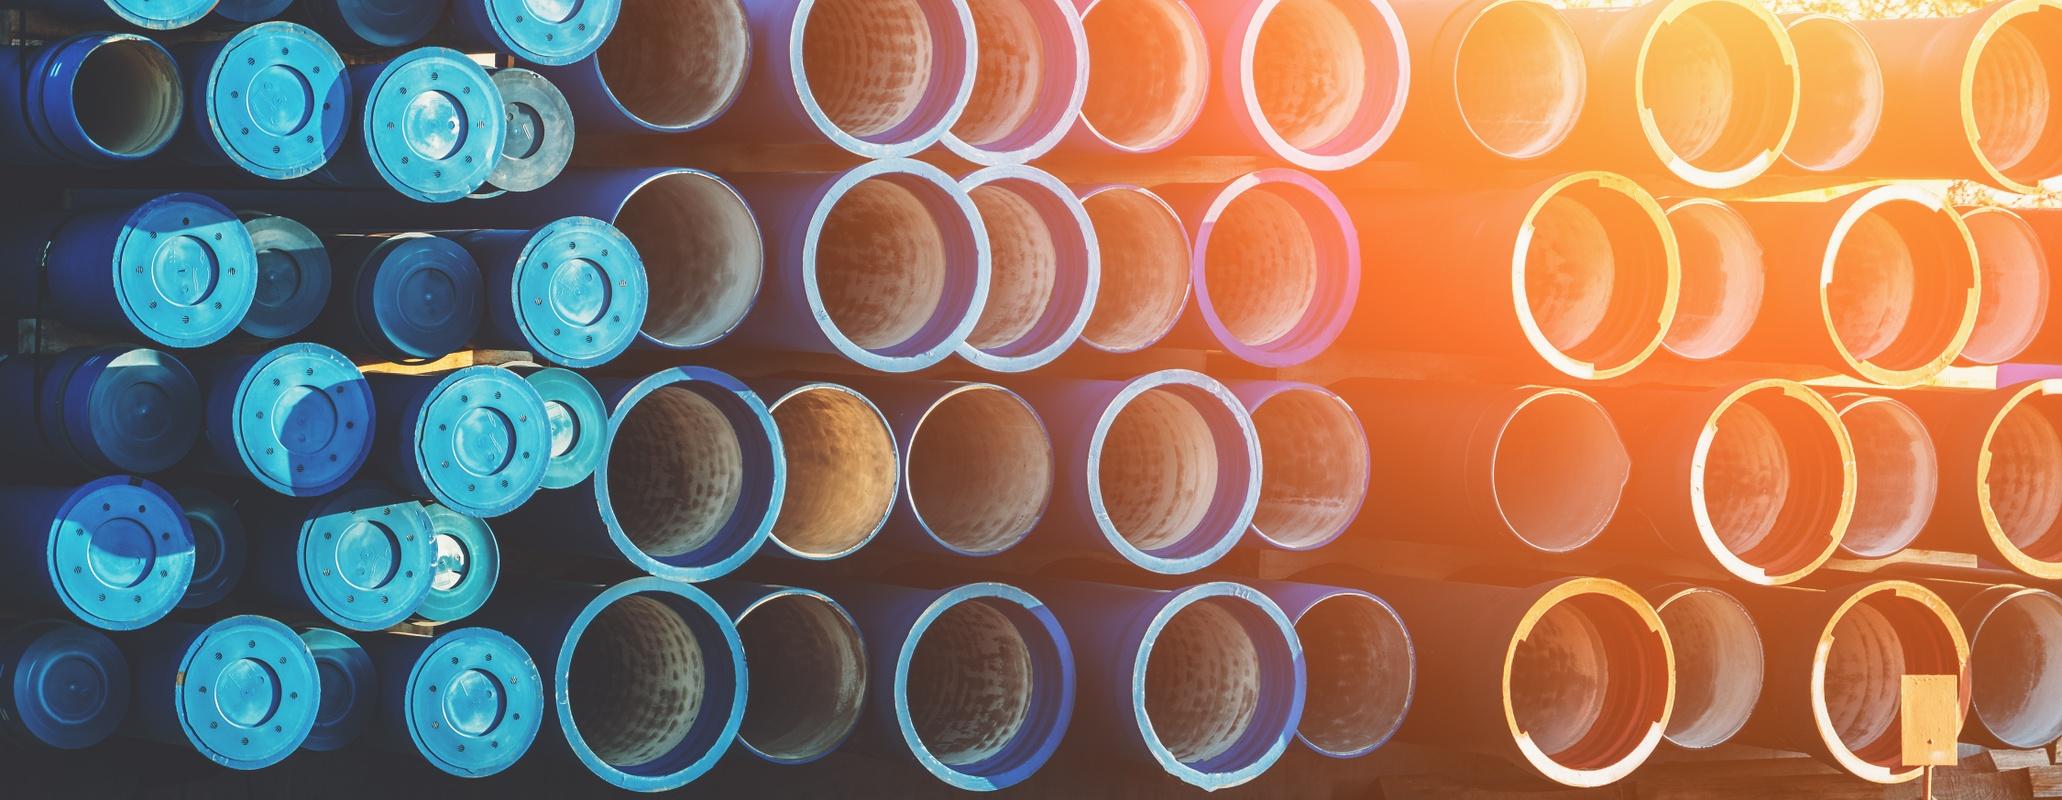 Bildet viser store PVC-rør i stabel